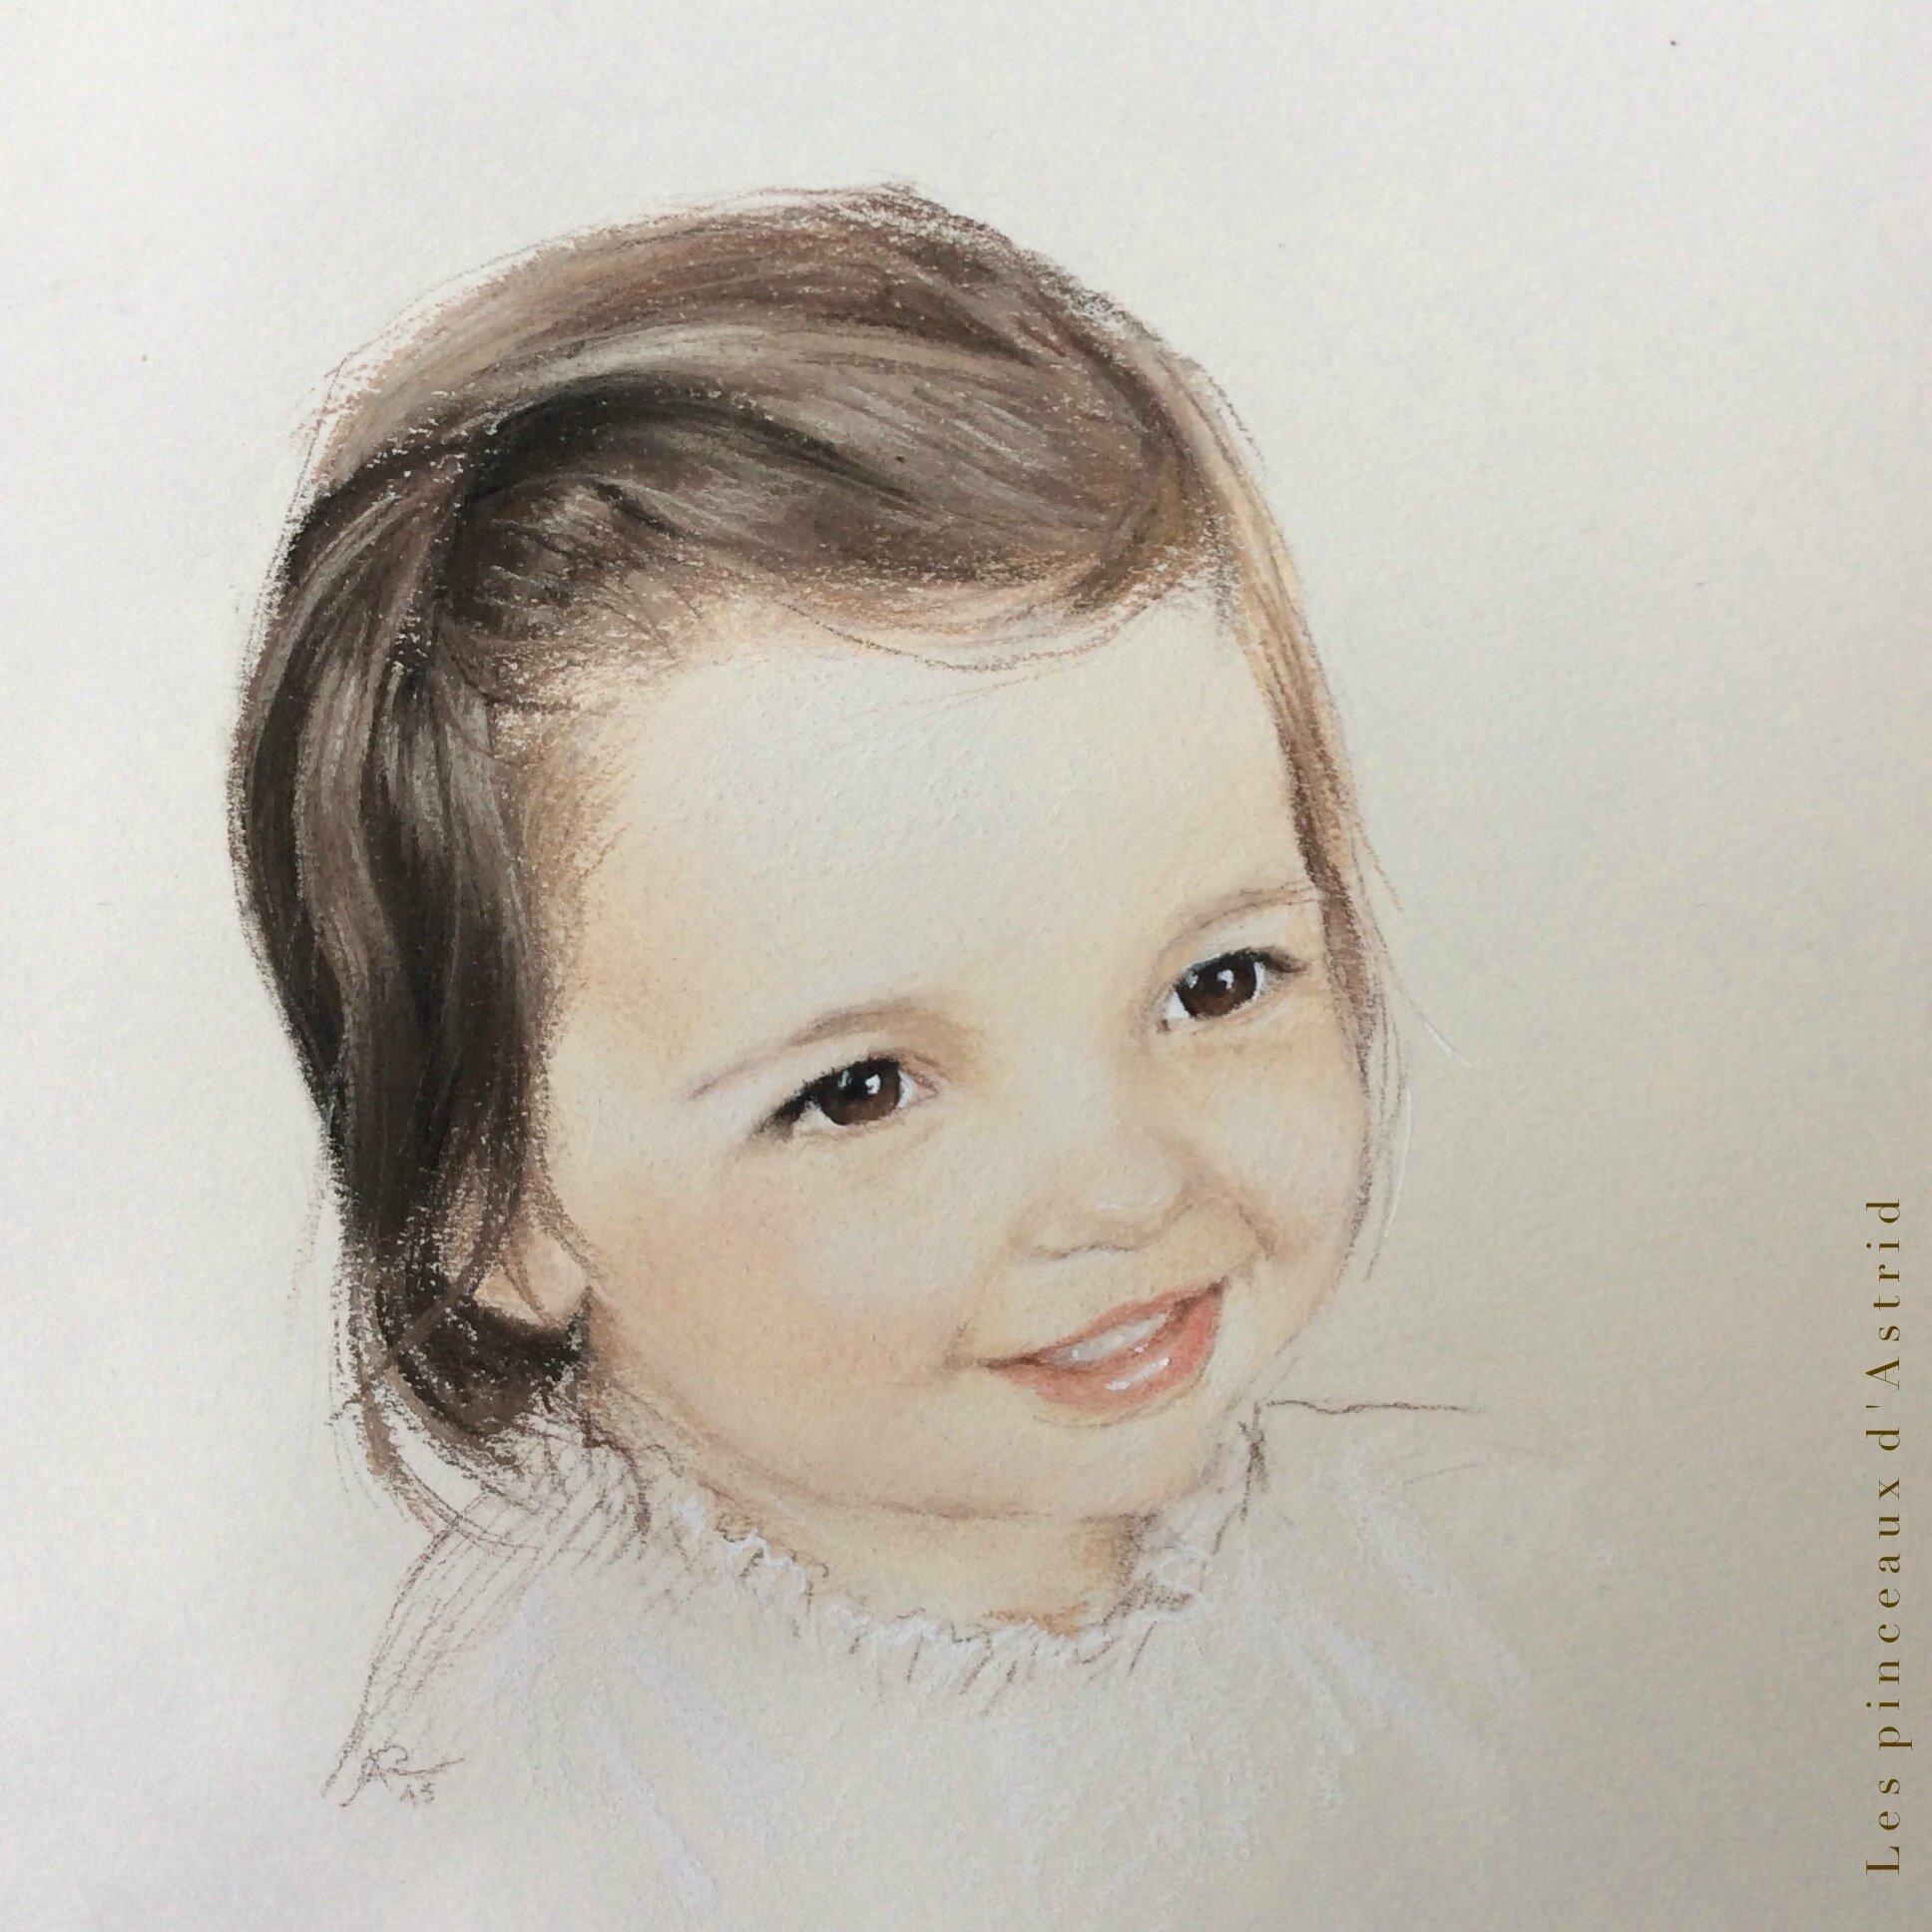 portrait d'enfant pastel brune